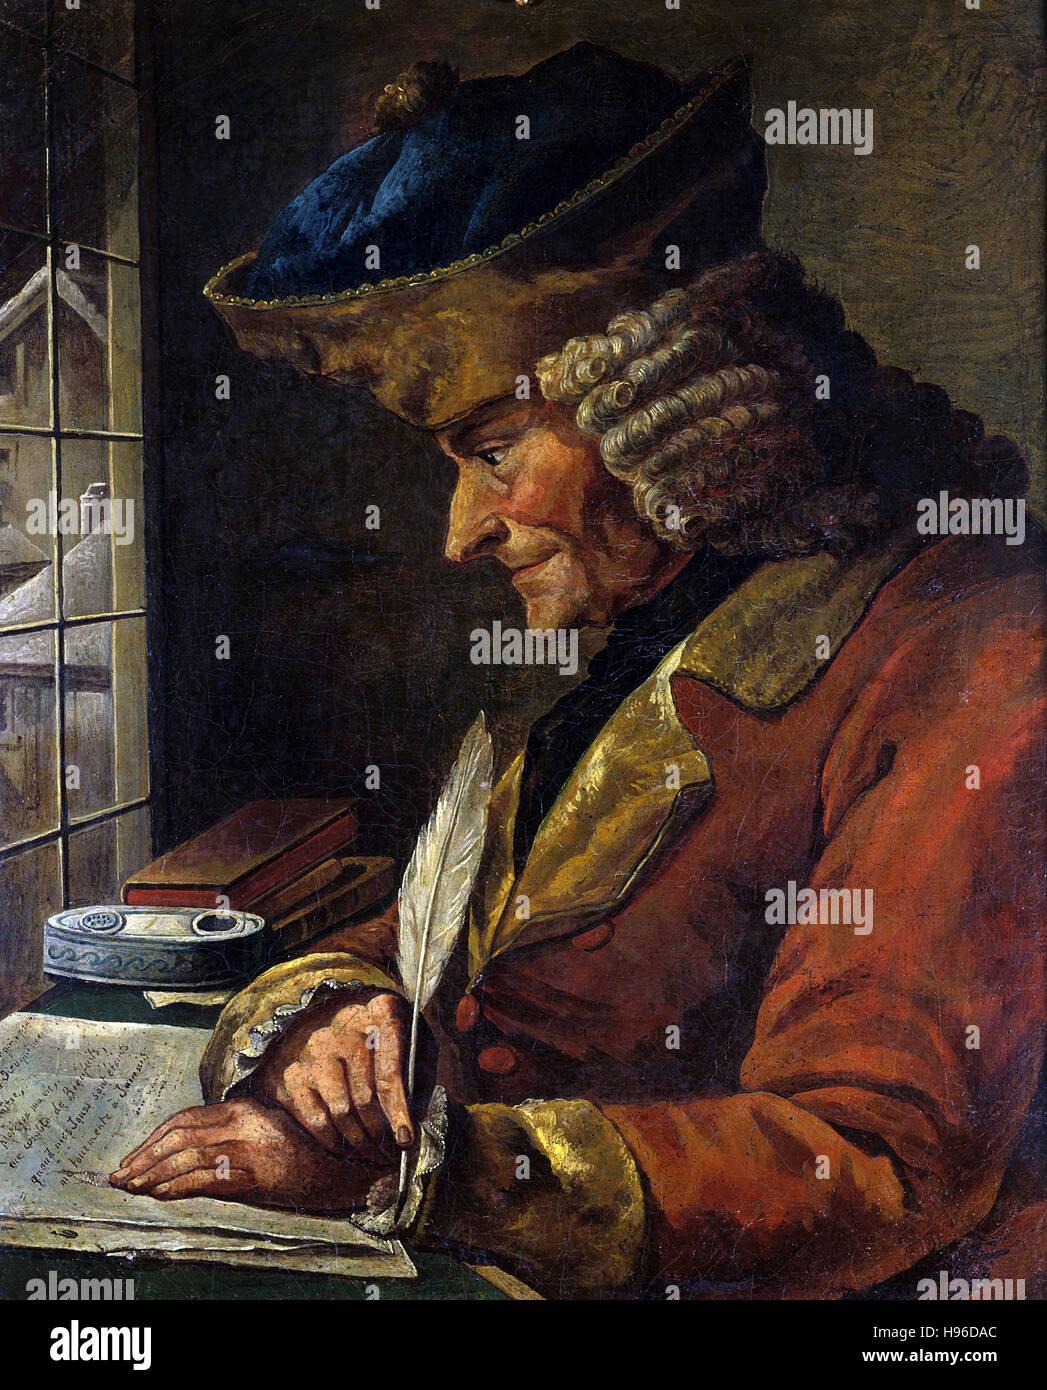 Anonimo, Ritratto del XVIII secolo di Voltaire (1694-1778) nel suo studio Immagini Stock